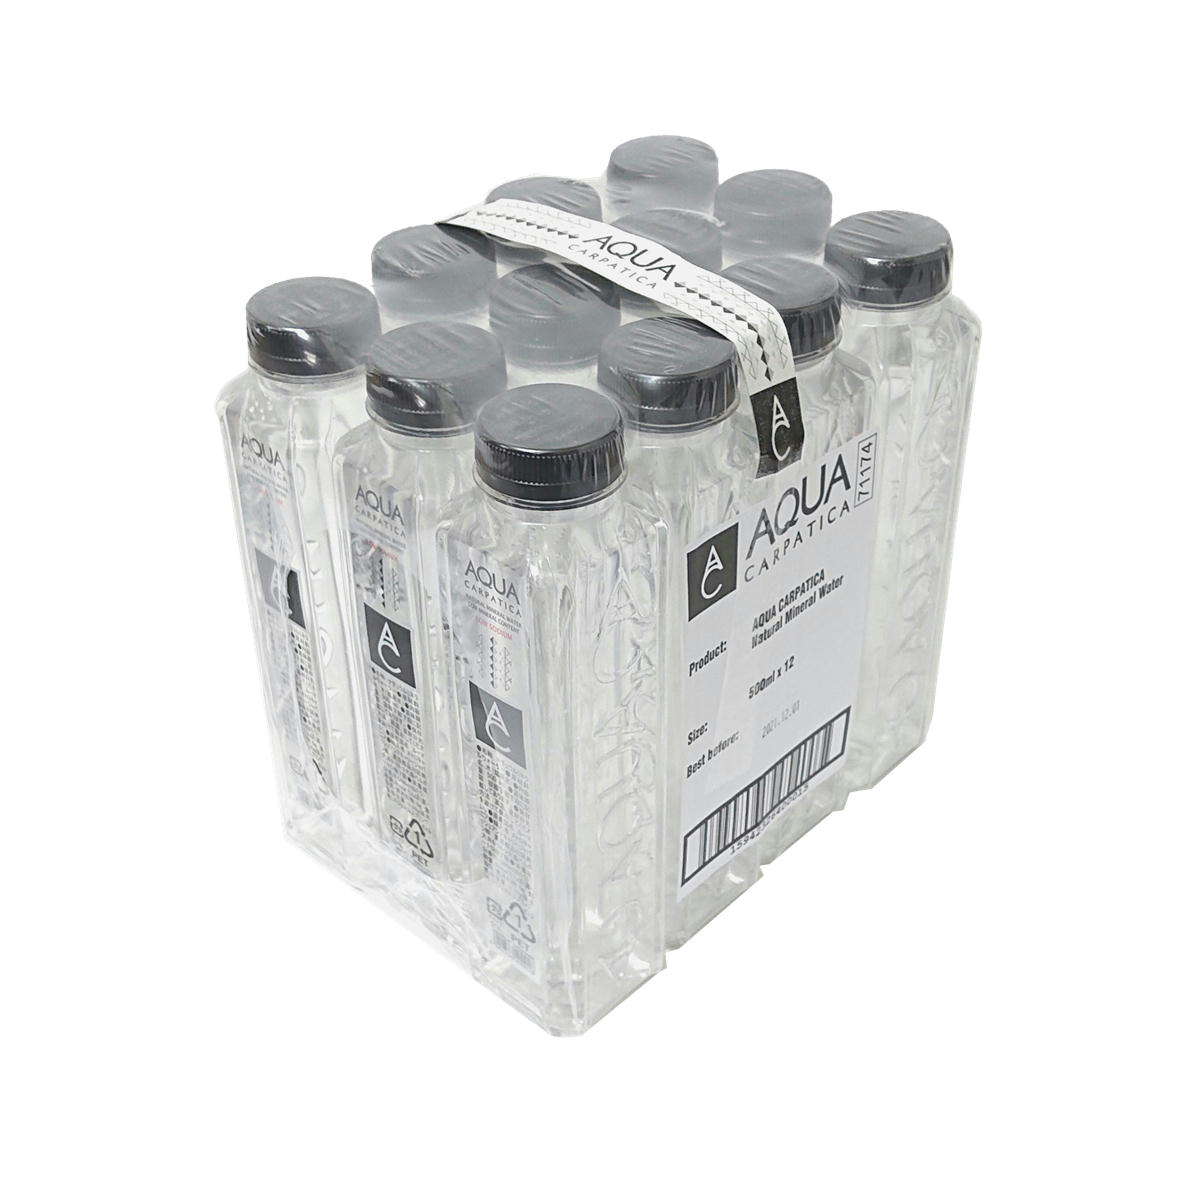 【正規輸入品】【EU産ミネラルウォータ】AQUA CARPATICA アクアカルパチカ (アクアカルパティカ) 500ml PETボトル ×12本 【ルーマニア 水 ミネラルウォーター】